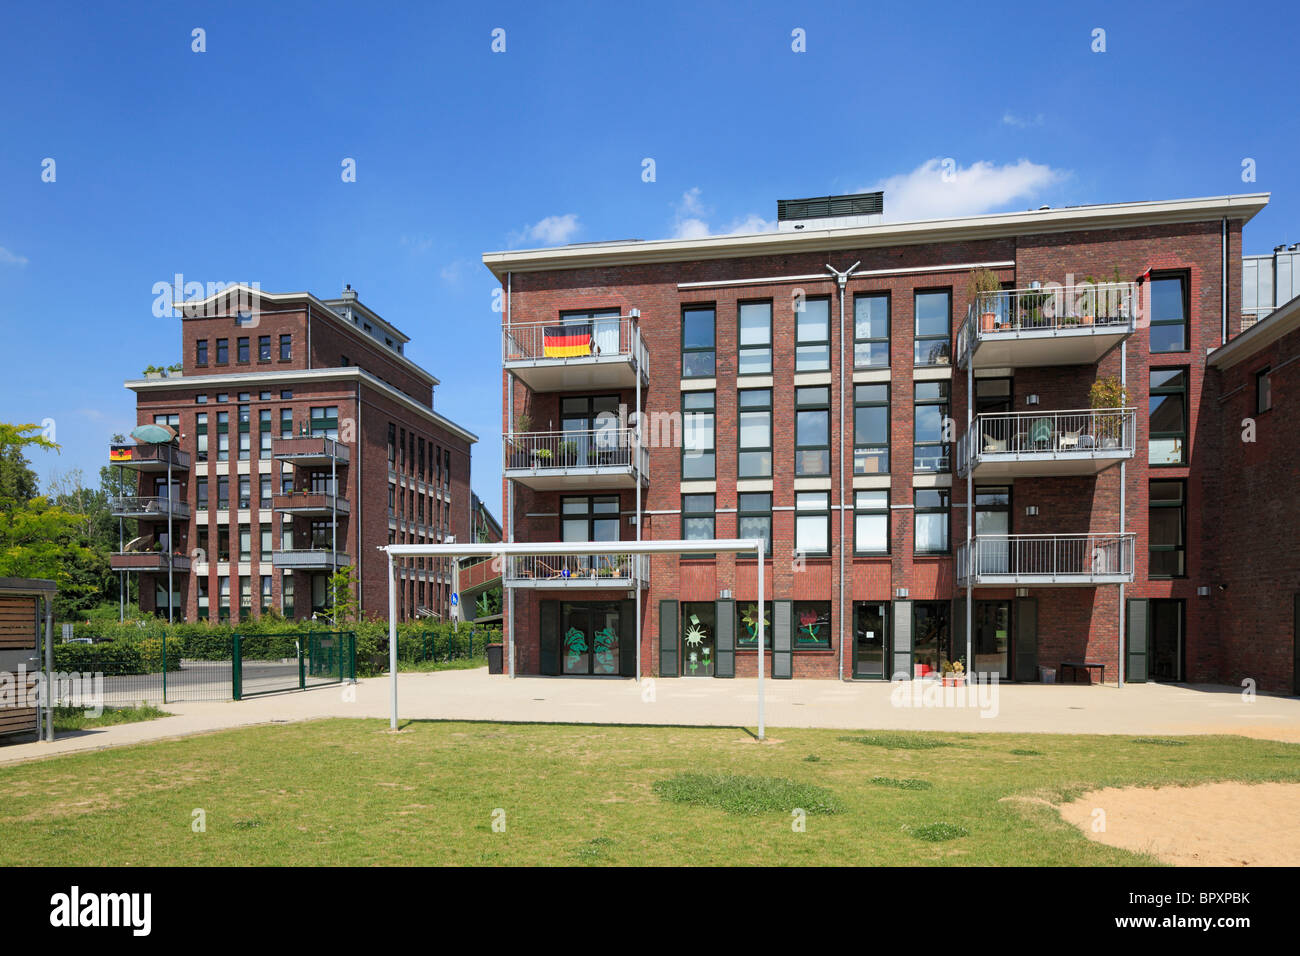 Loftwohnungen in einer ehemaligen Werkhalle der Brikettfabrik Grube Carl in Frechen, Ville, Naturpark Rheinland, - Stock Image